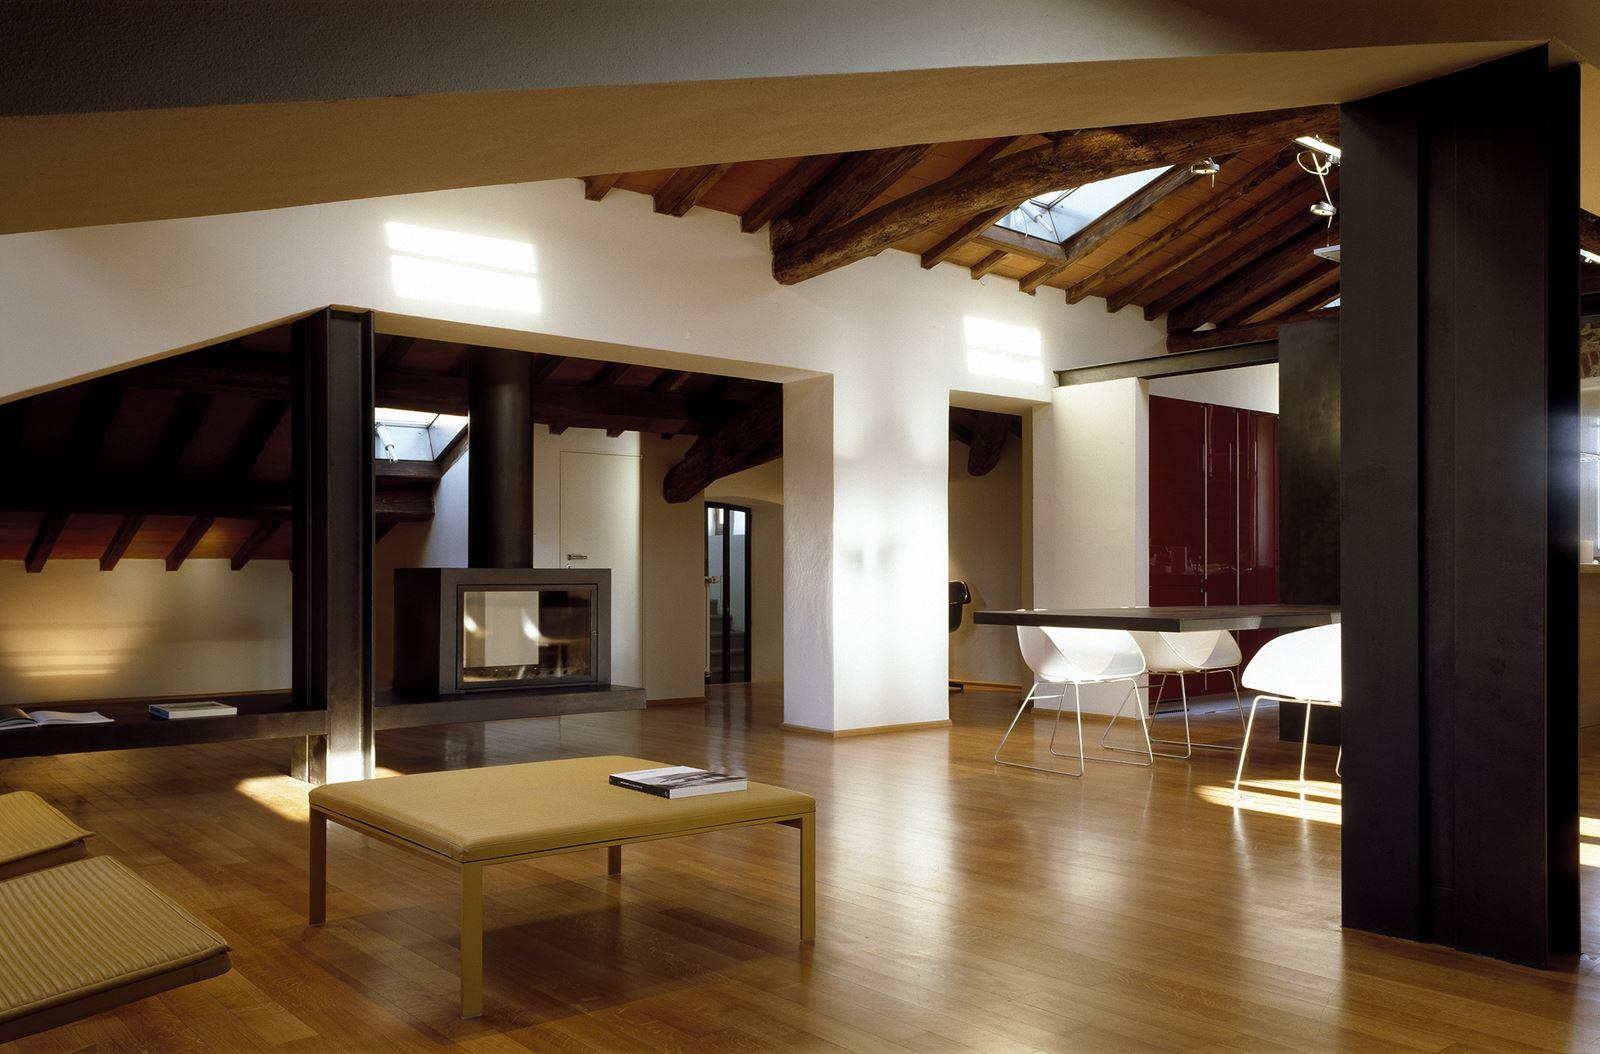 Un attico elegante con il soffitto in legno - Mansarda.it